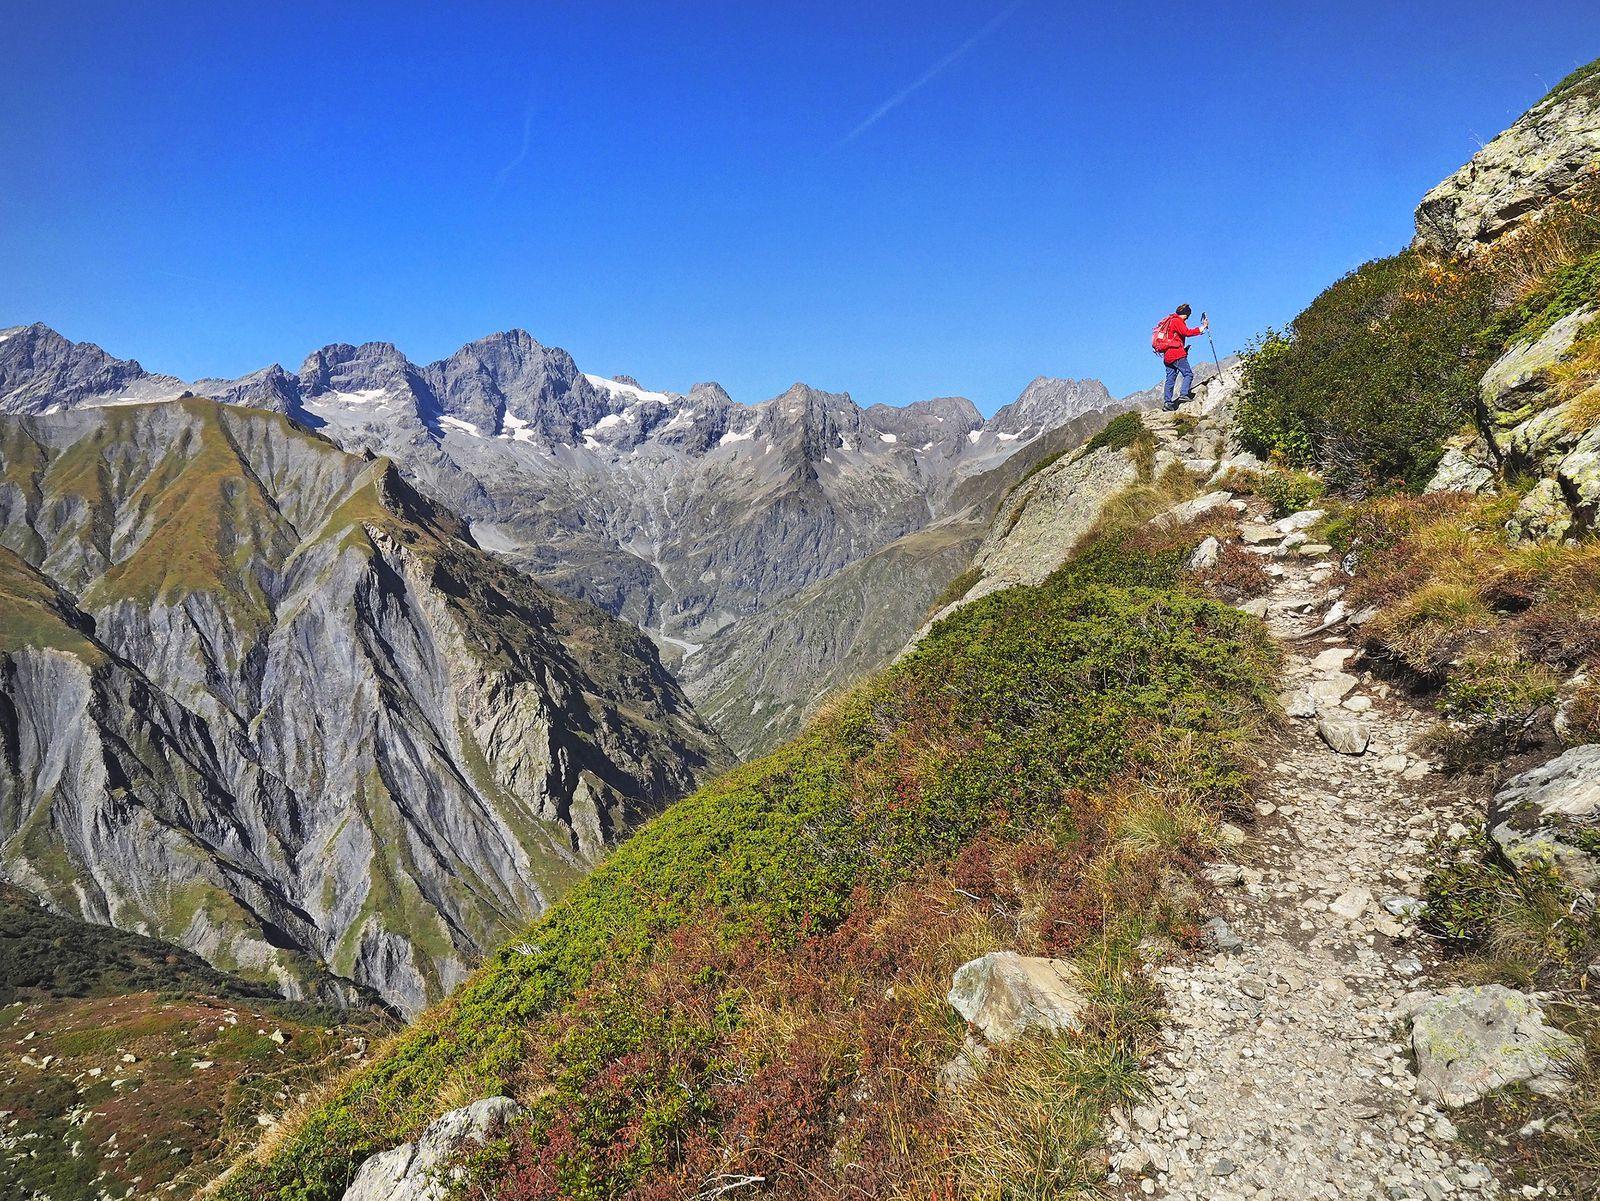 Le chemin est bien tracé quand il ne passe pas dans des amas de rochers, assez fréquents sur le parcours.